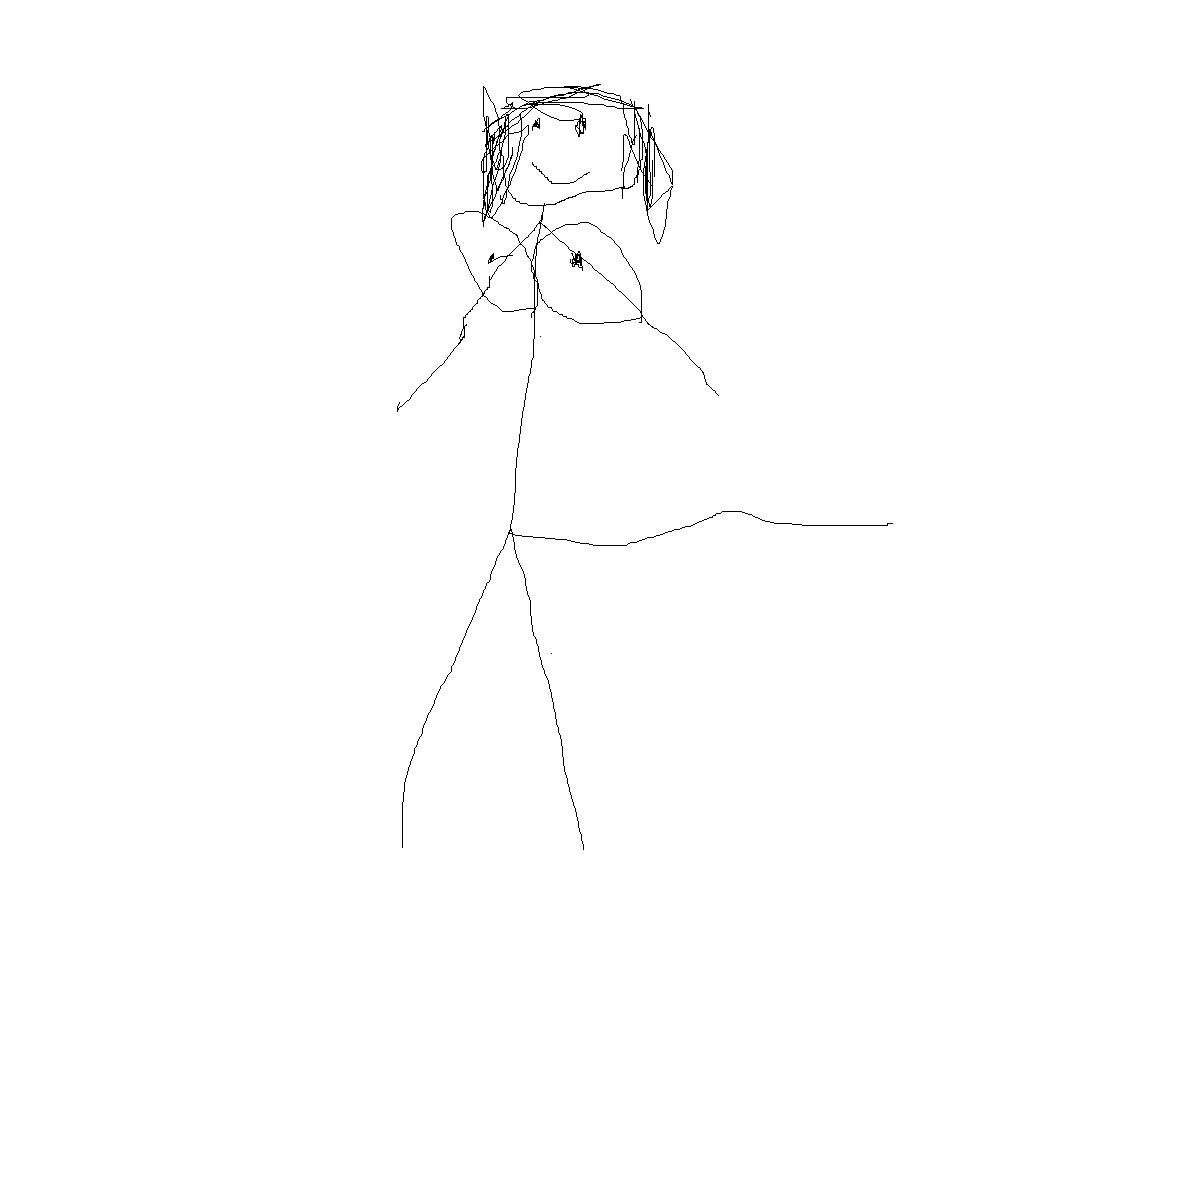 kindergarten drawing #1